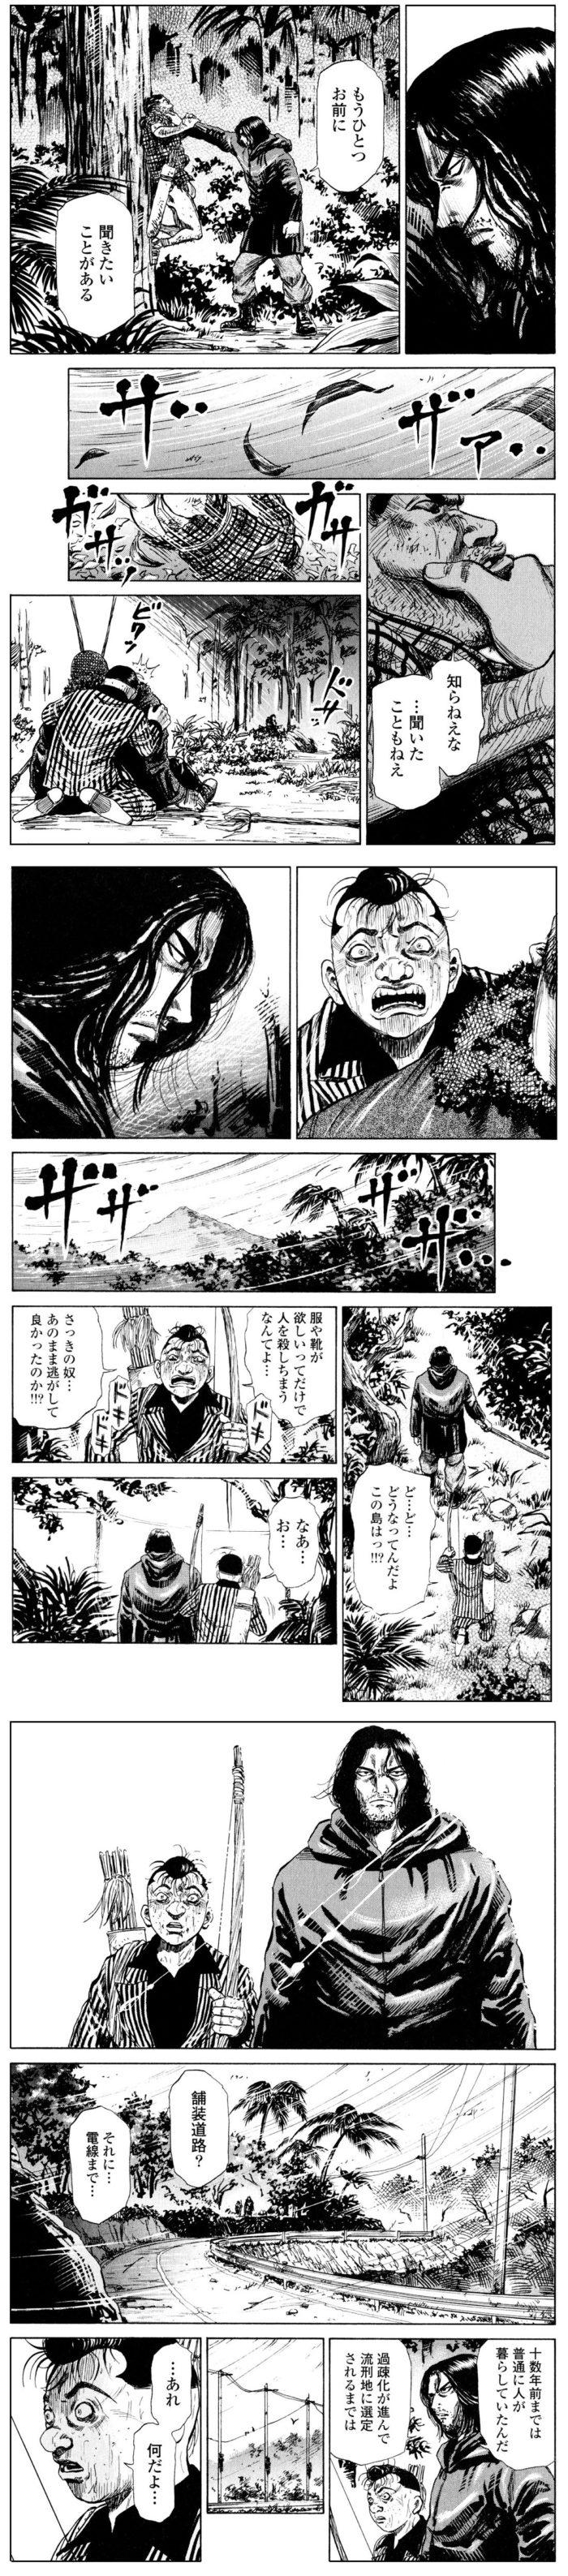 tengoku-02-05